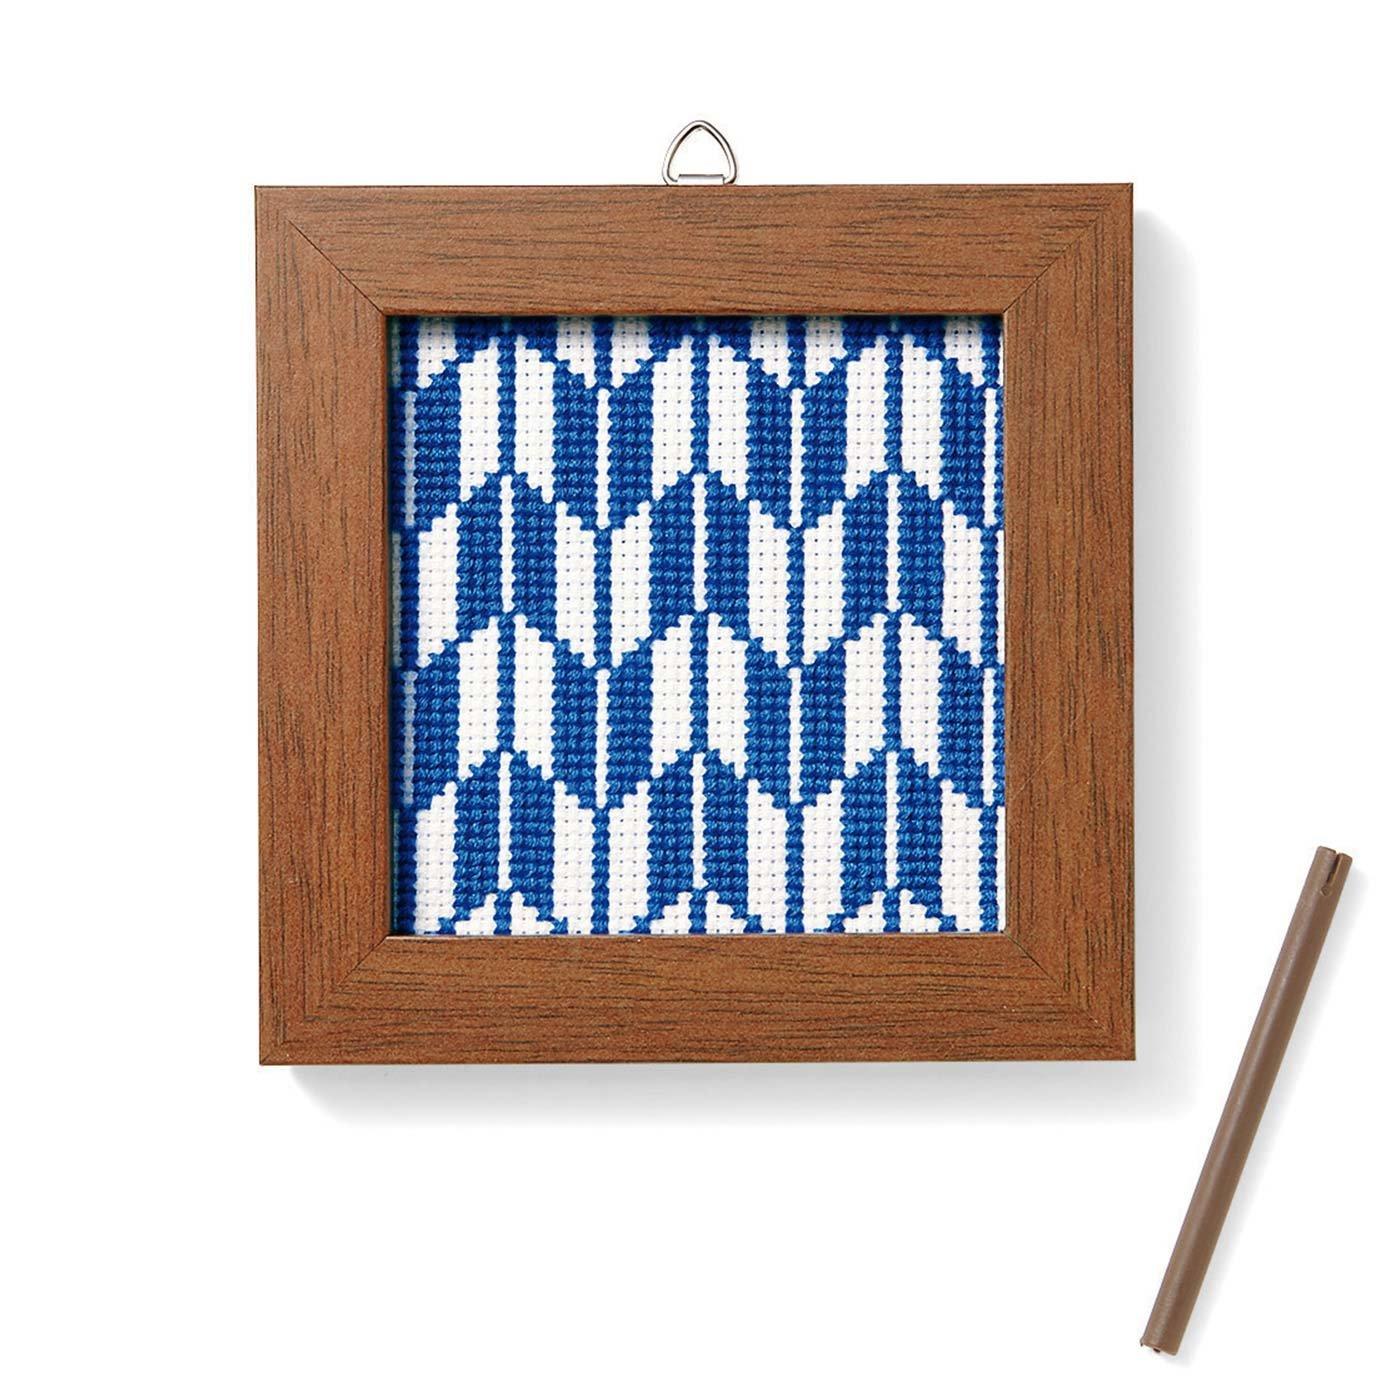 文様のクロスステッチが美しく映える木製フレーム